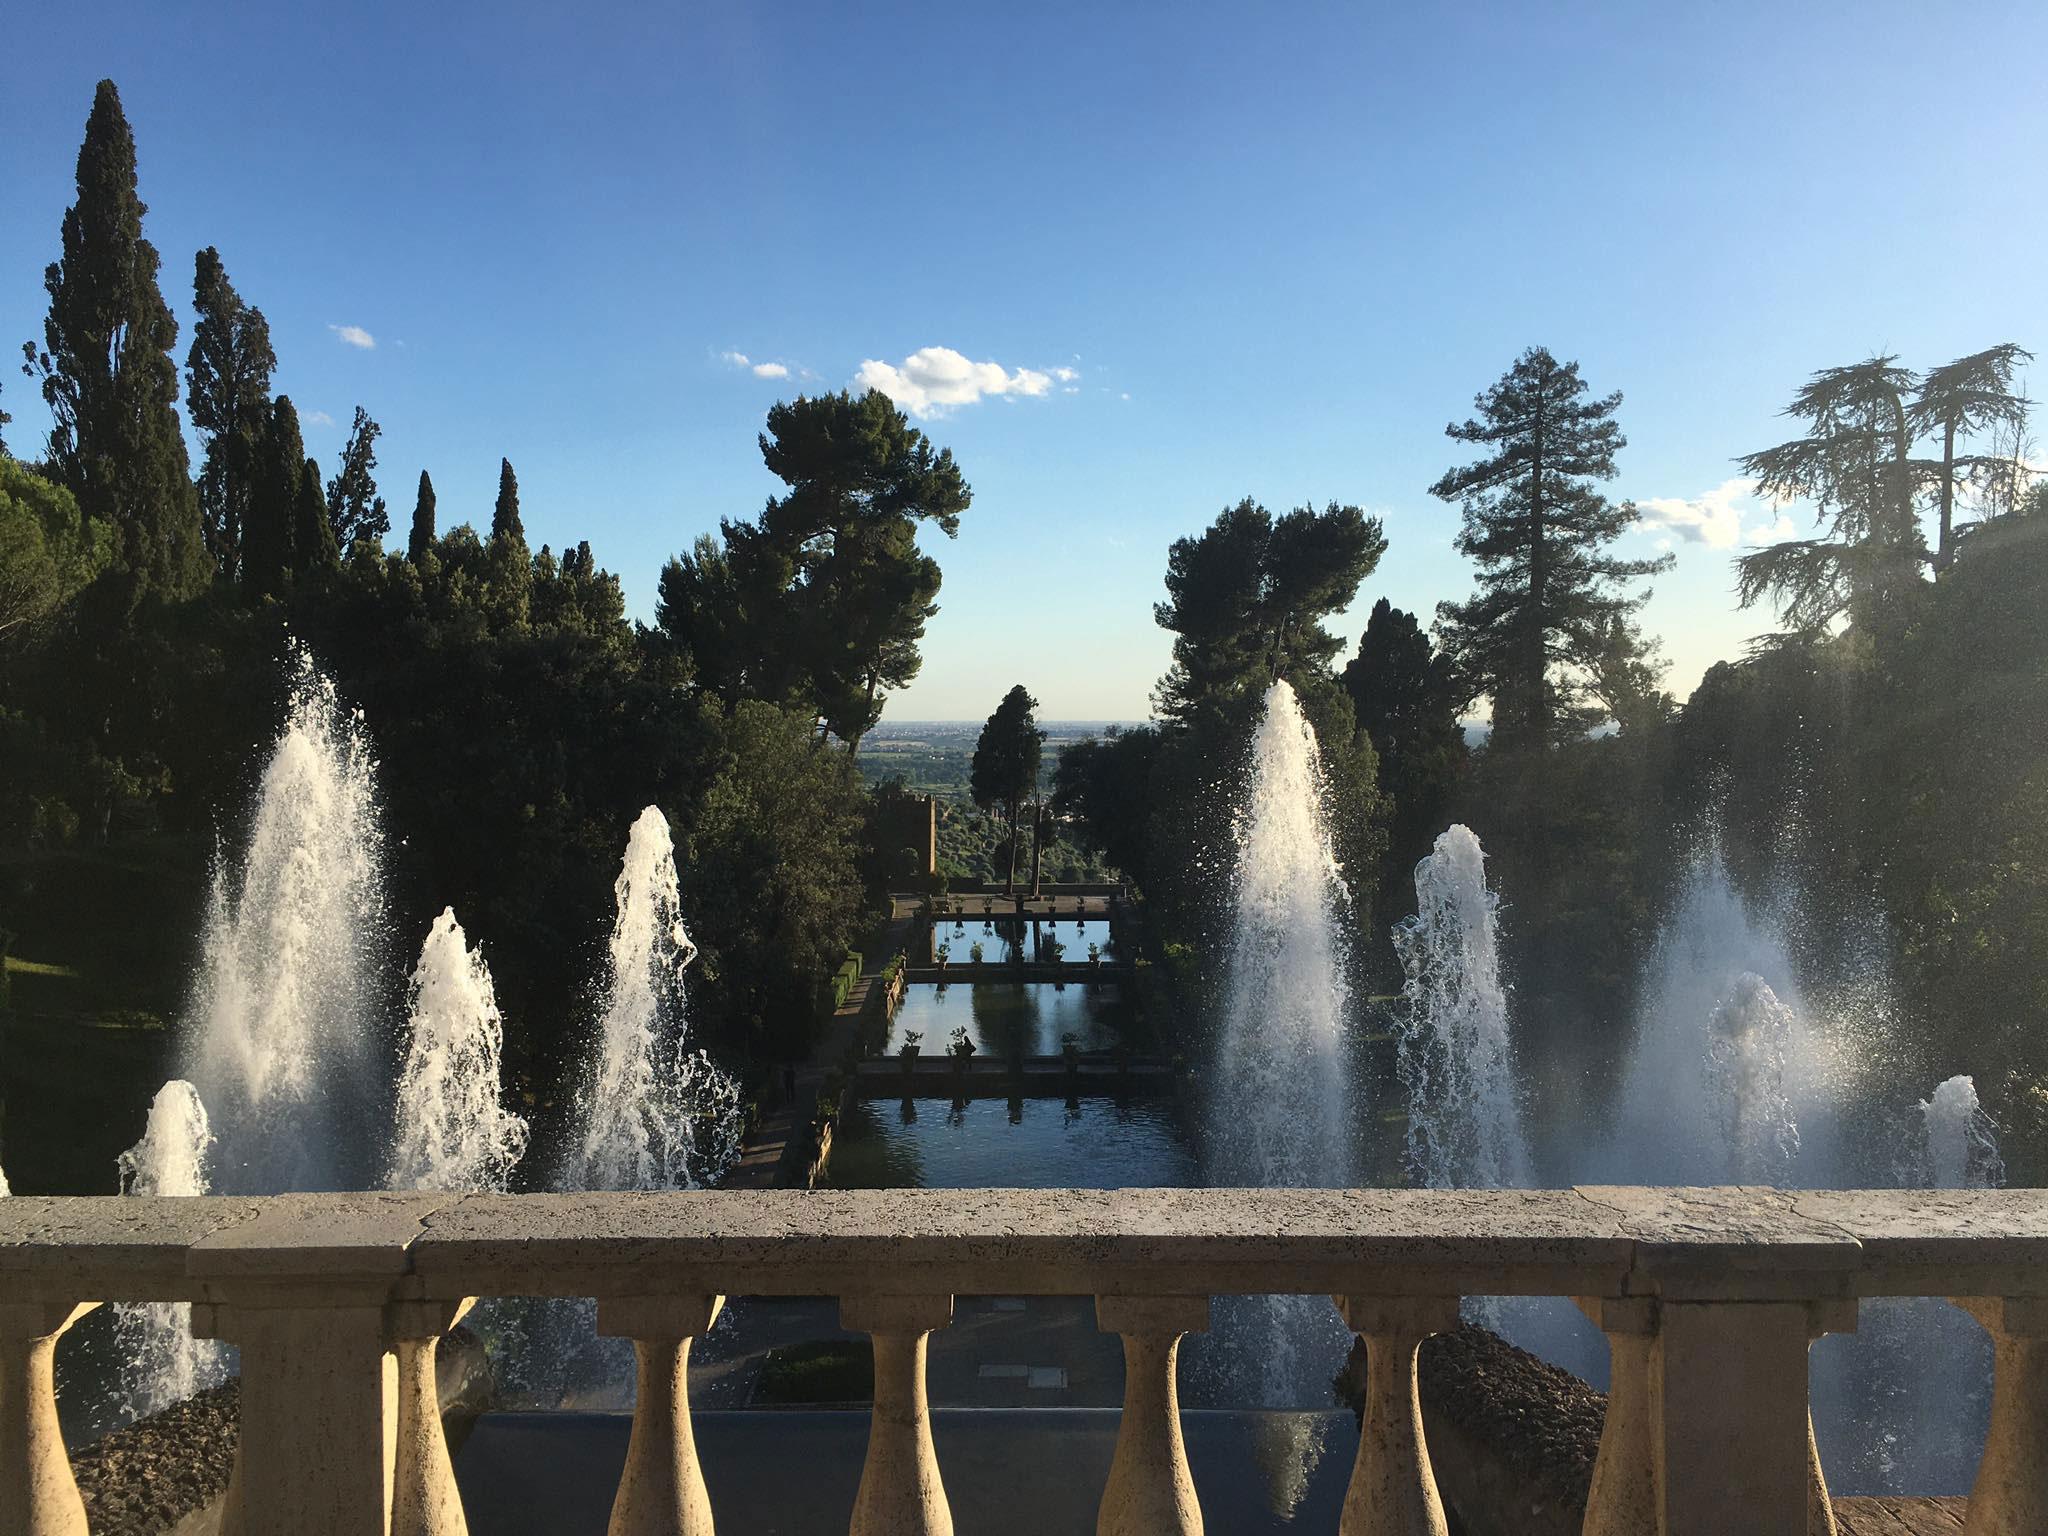 Uno degli splendidi scorci visibili a Tivoli